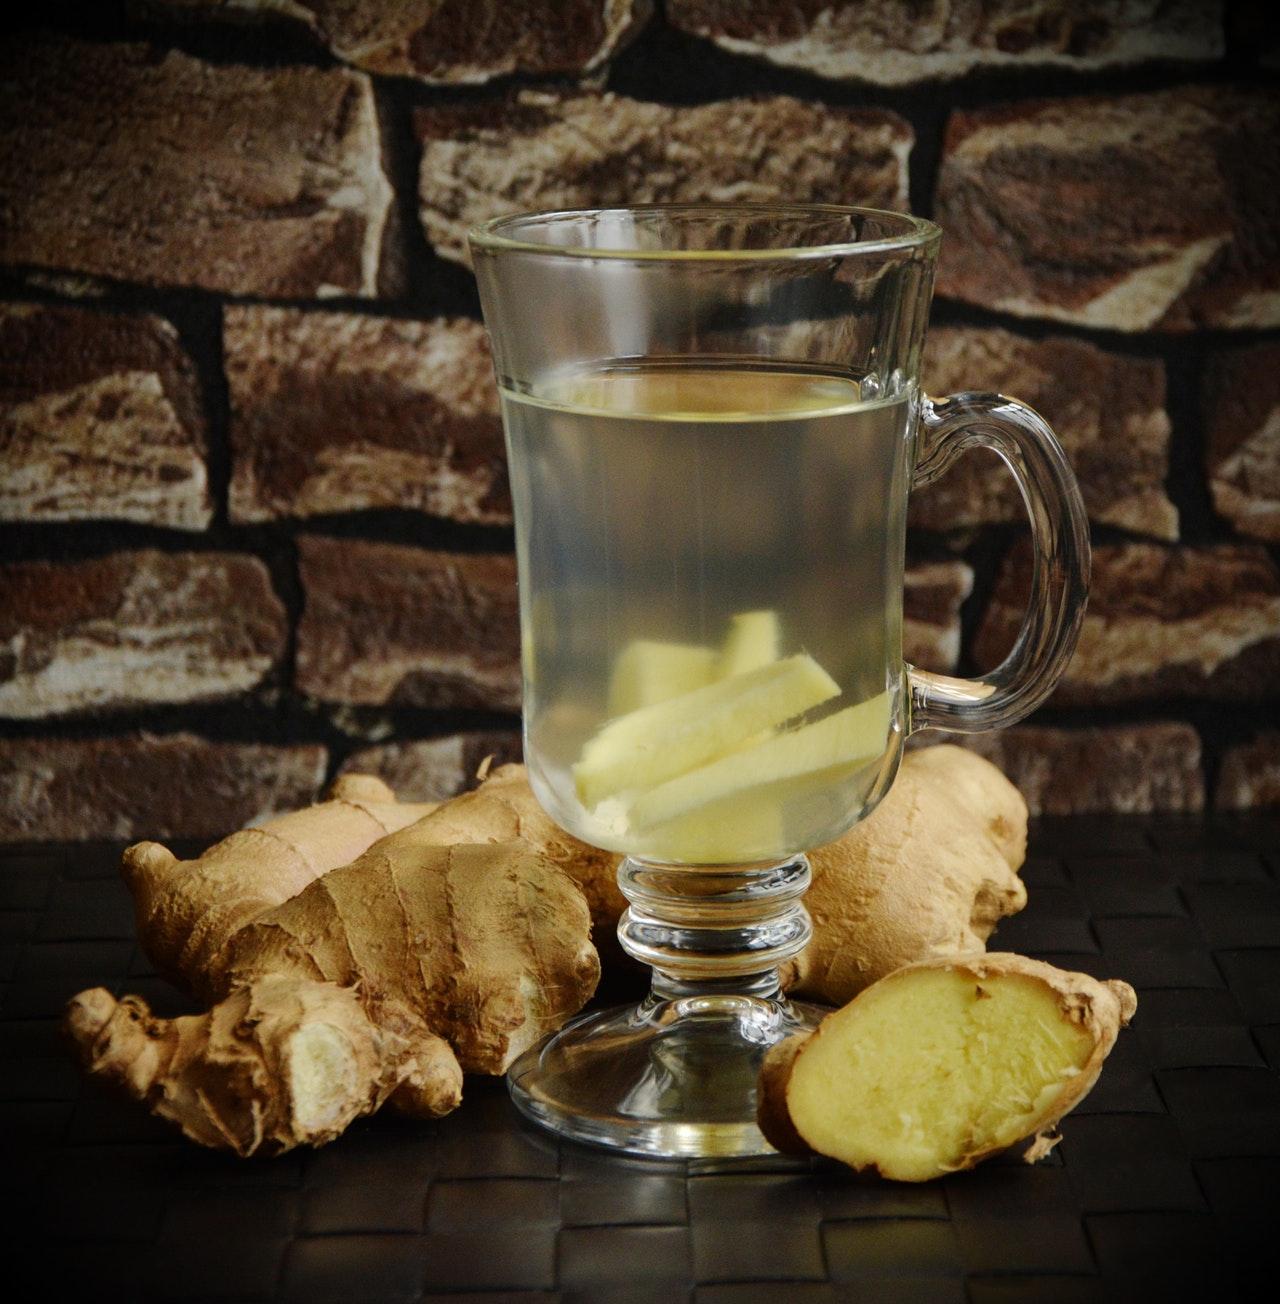 Apfel-Ingwer-Tee